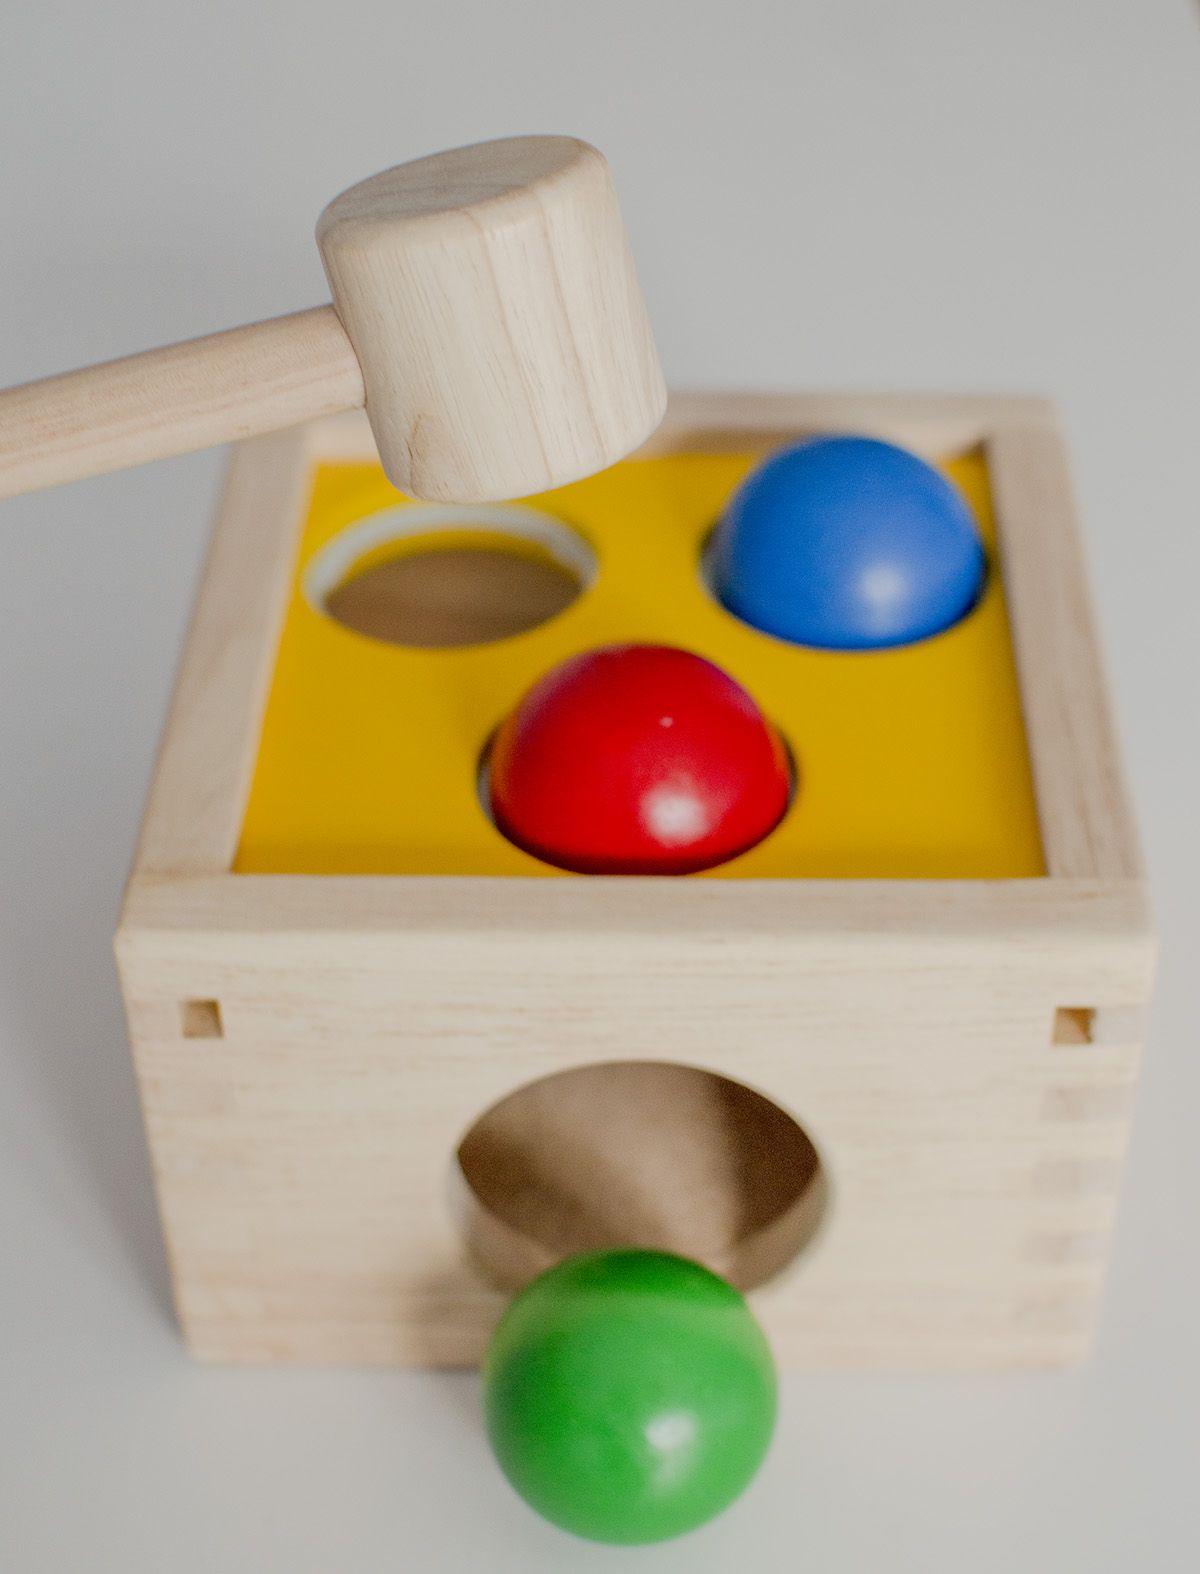 Juguetes de madera Plantoys